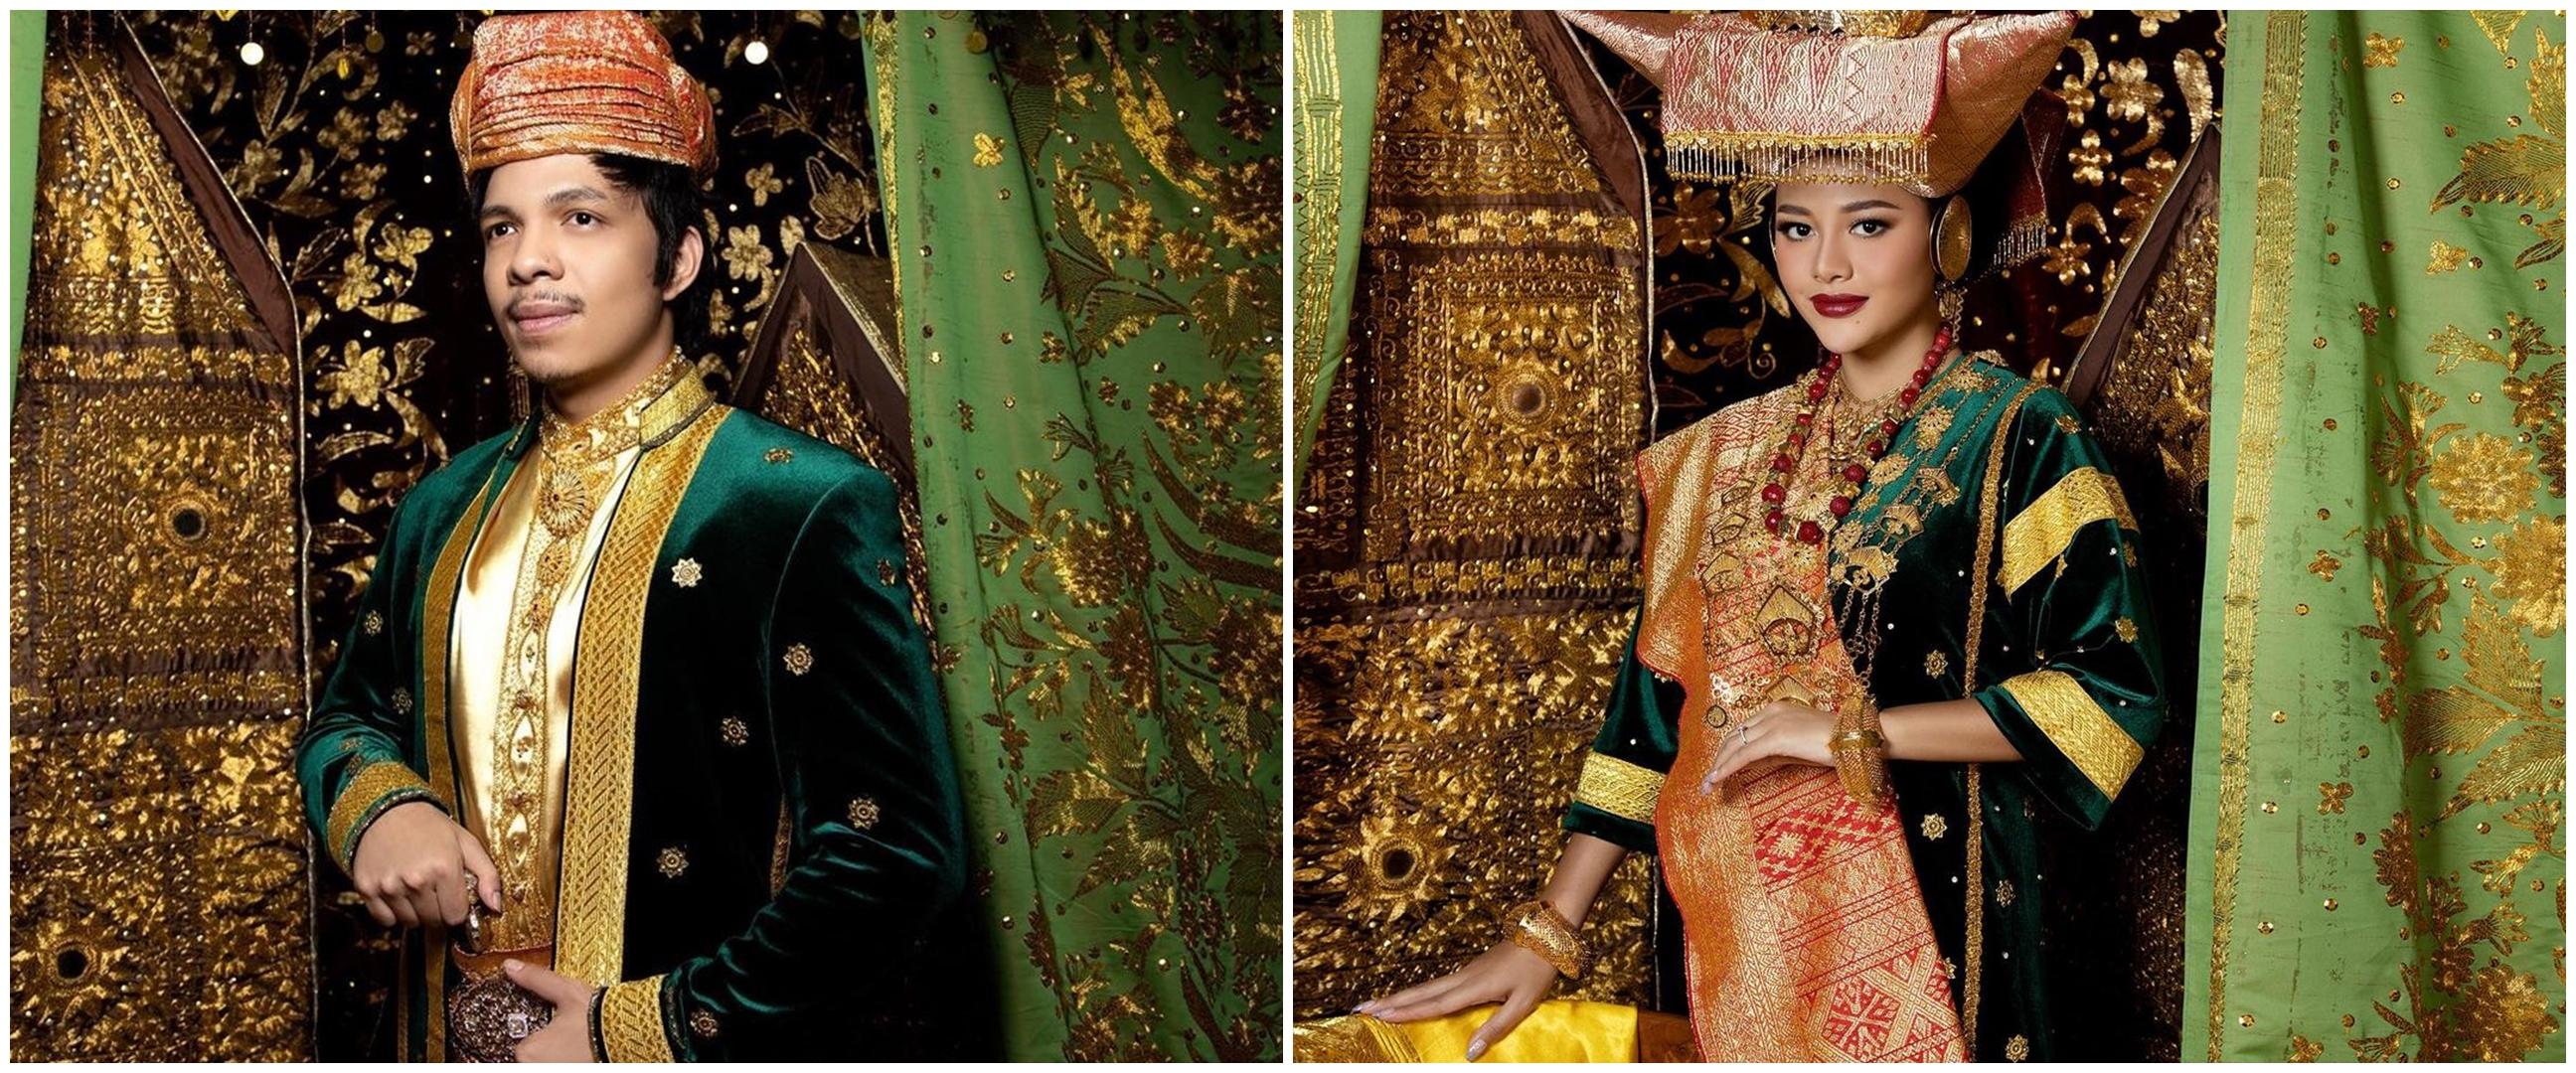 7 Potret prewedding Atta dan Aurel Hermansyah dengan busana Minang